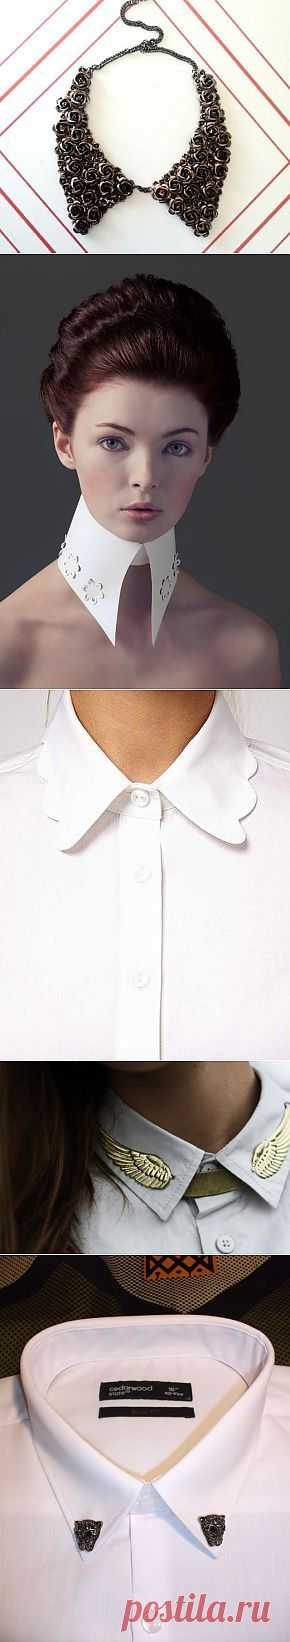 Воротничковое (подборка) / Воротнички / Модный сайт о стильной переделке одежды и интерьера